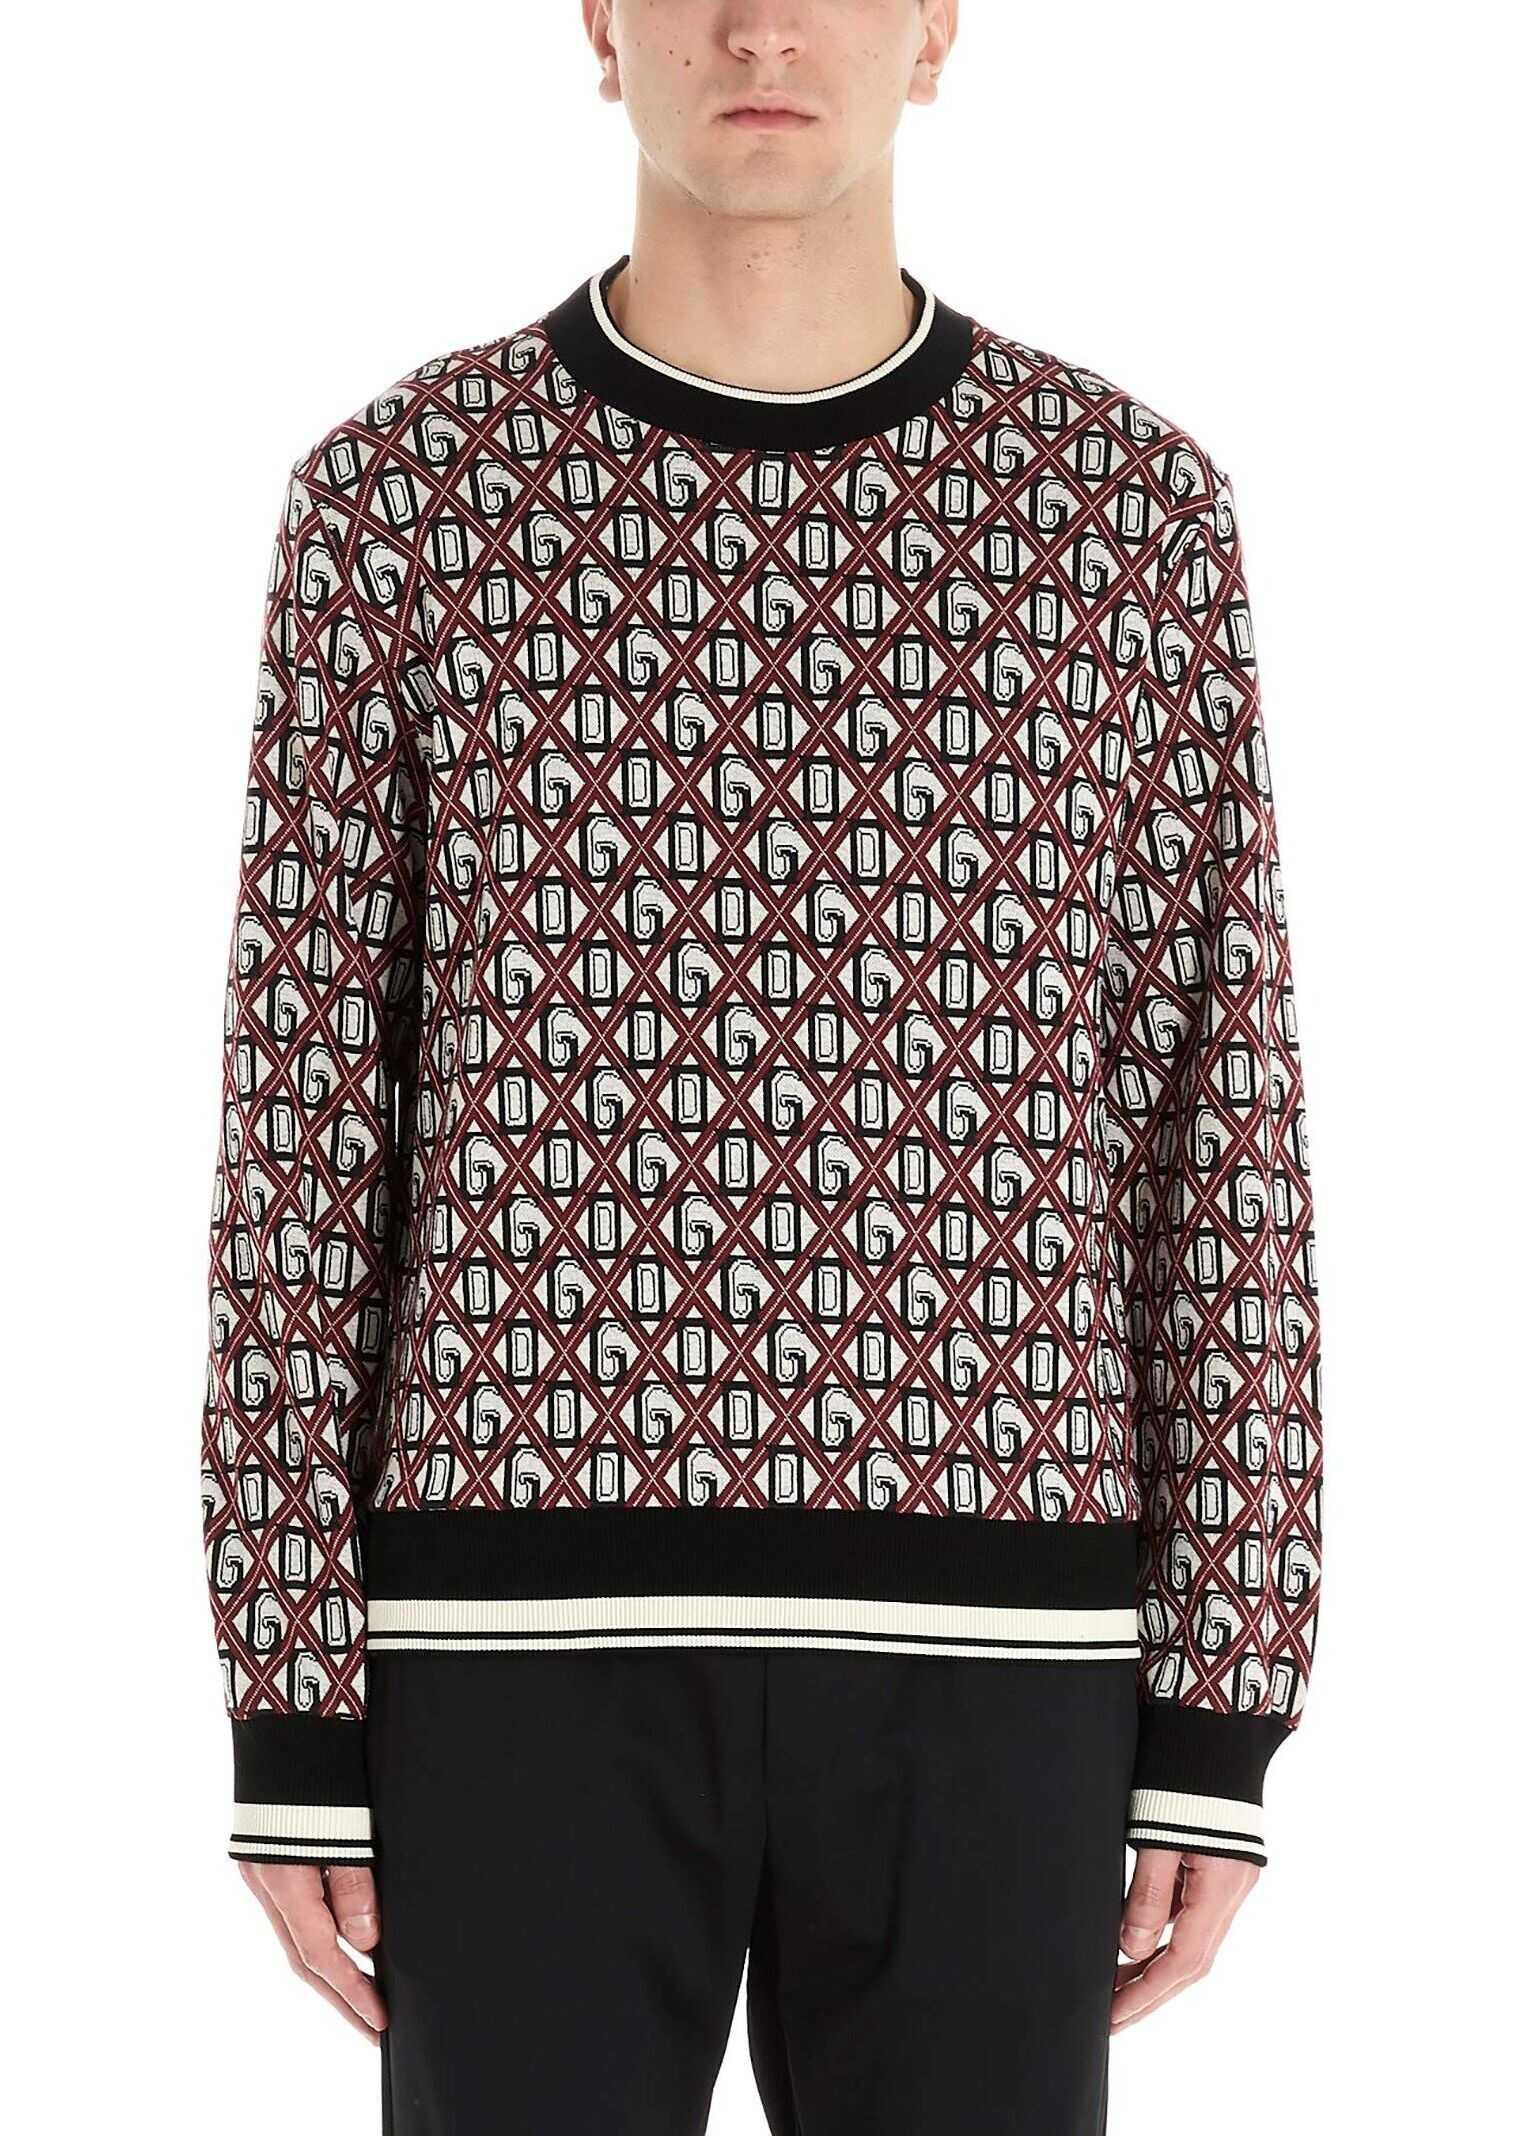 Dolce & Gabbana Cotton Sweater MULTICOLOR